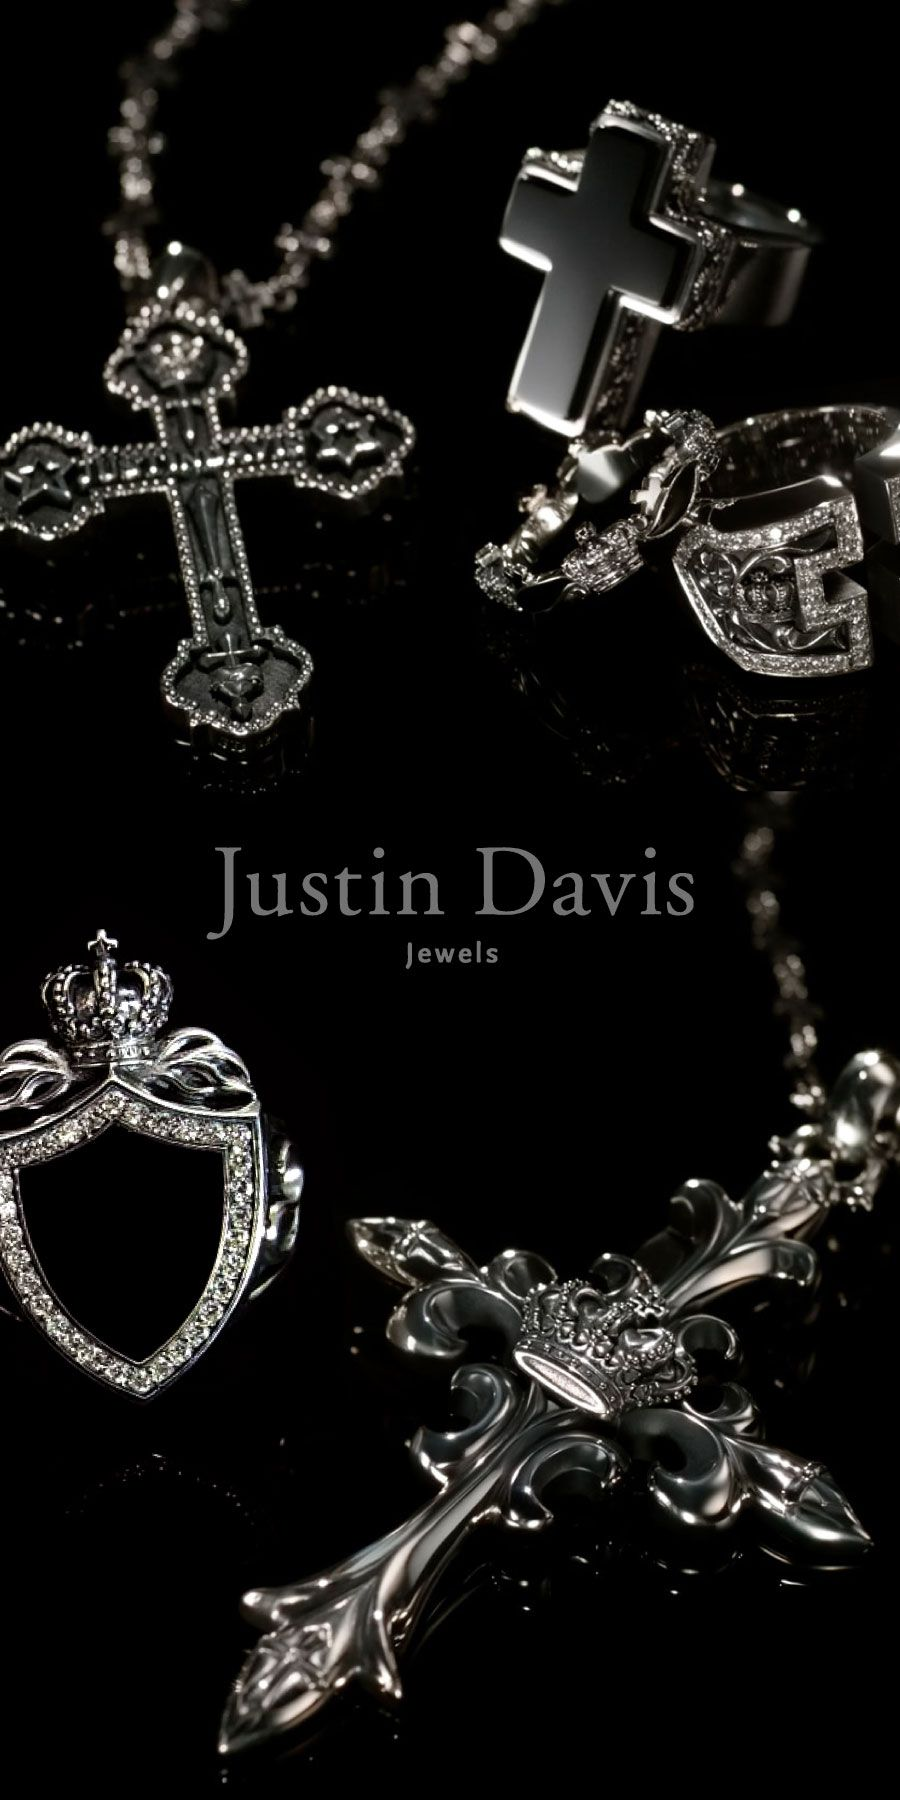 Justin Davis ジャスティン デイビス 高価買取 東京の最新相場で売るなら Worldr ワールドアール バッグ 貴金属 アパレル